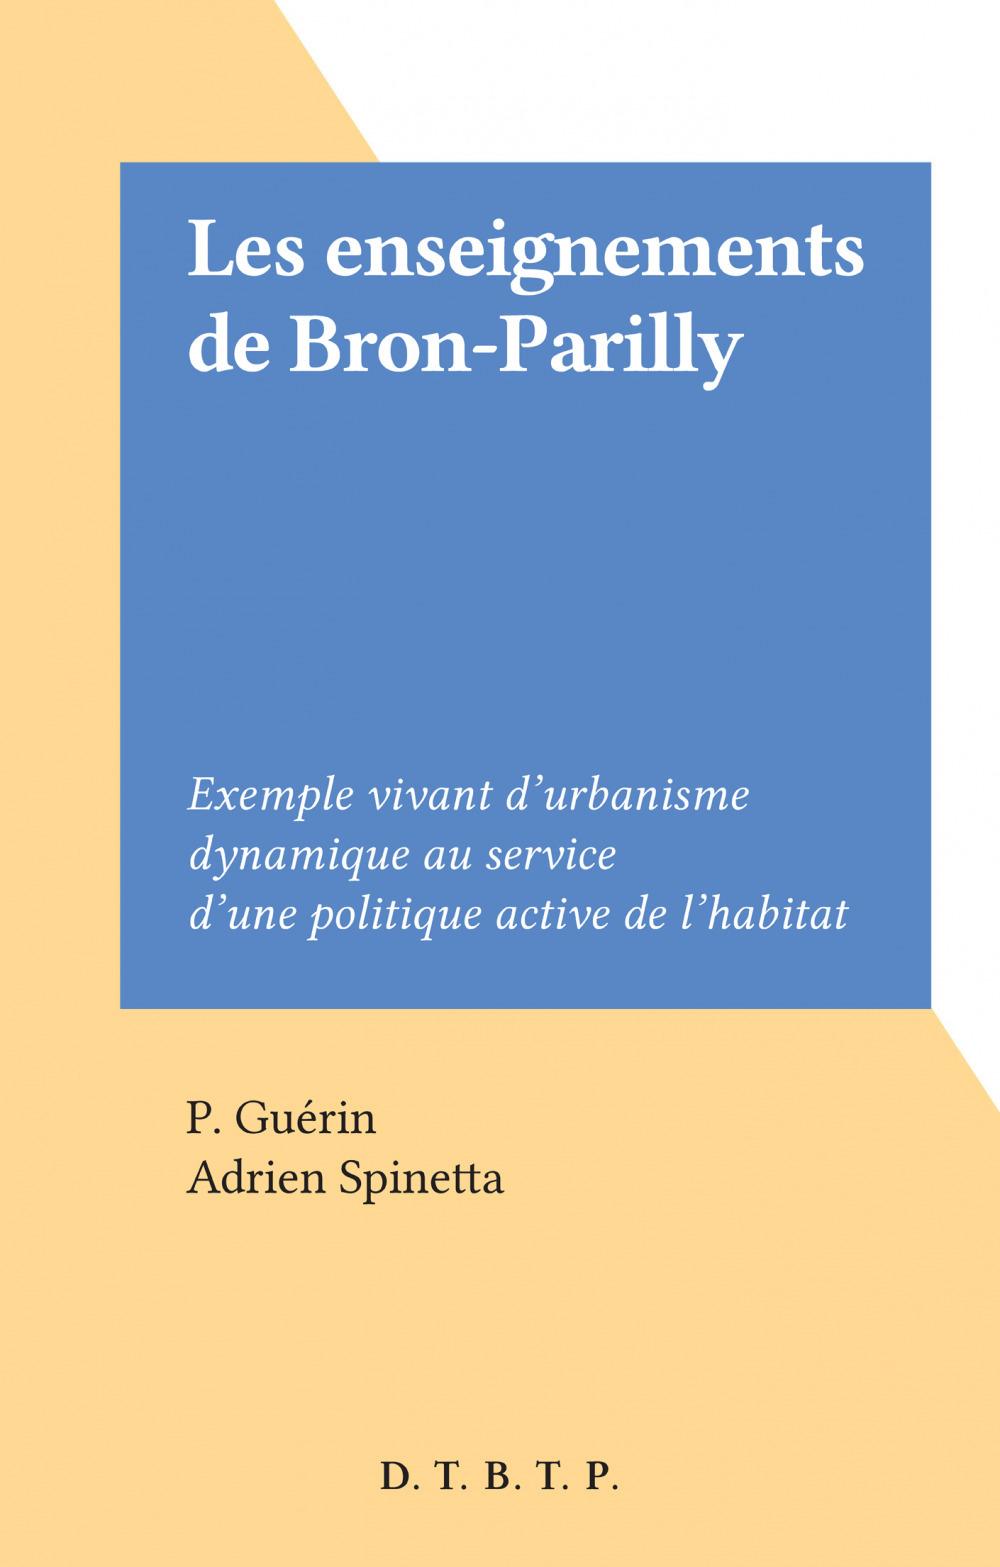 Les enseignements de Bron-Parilly